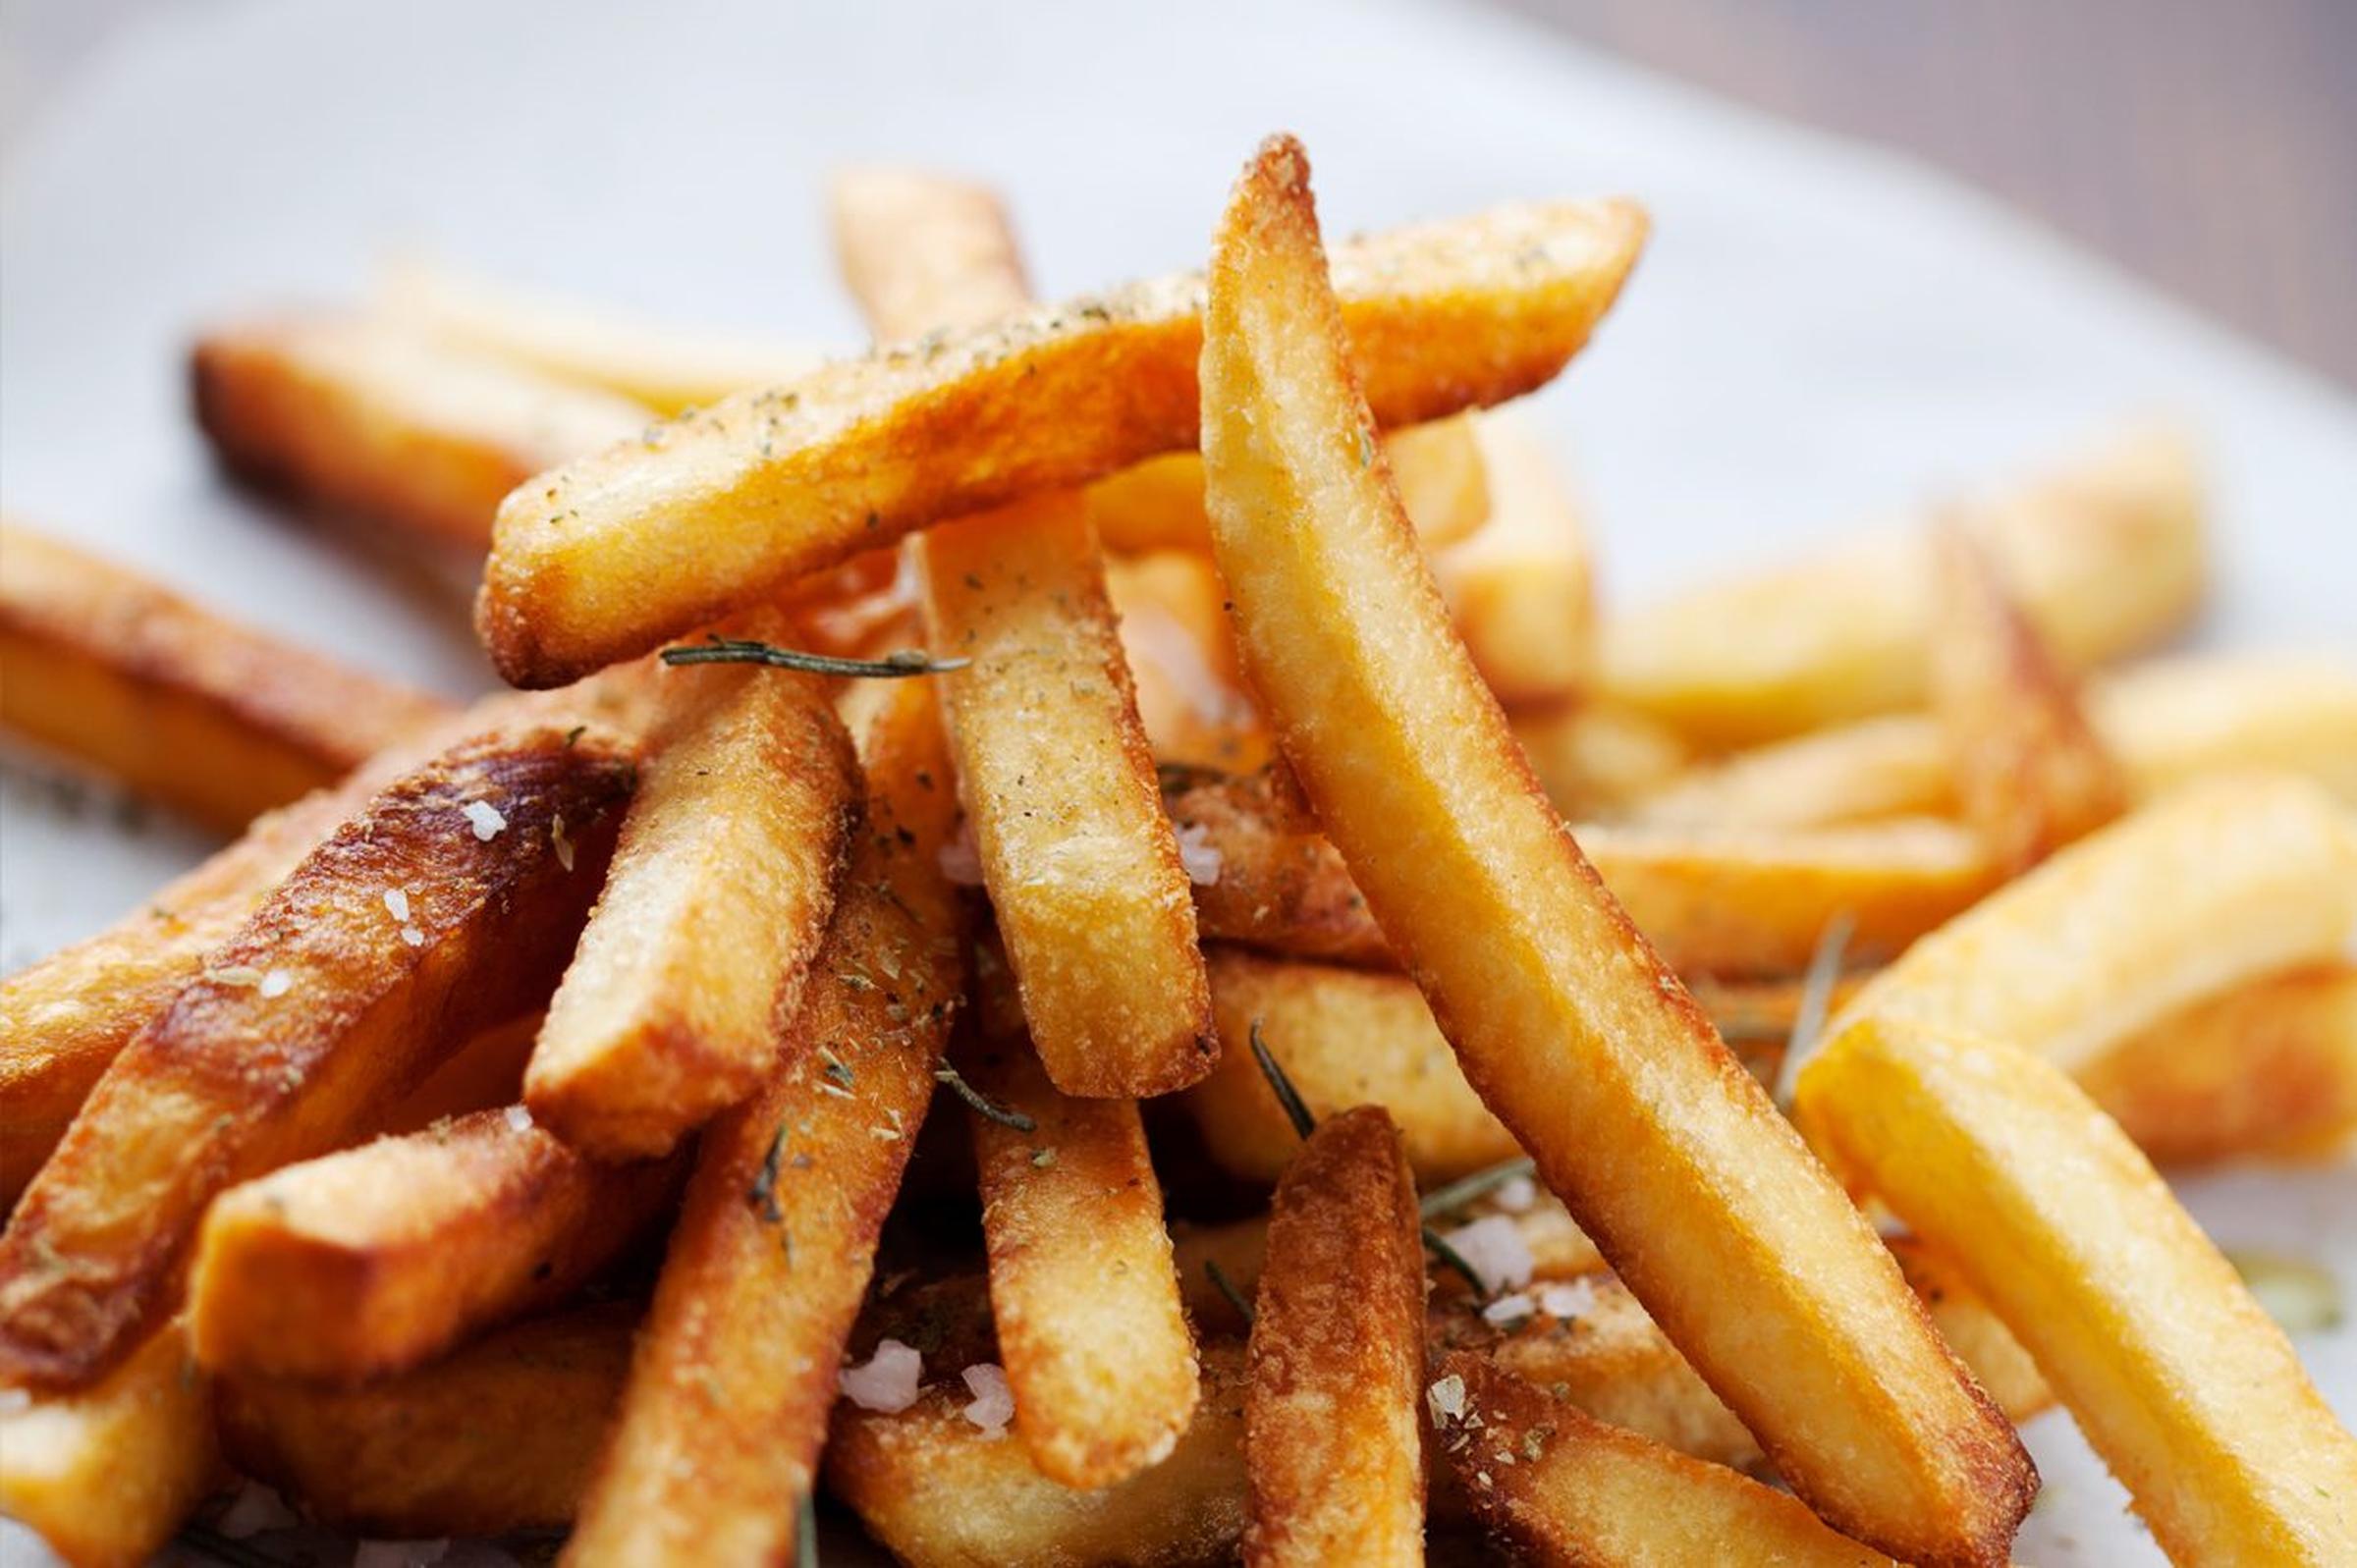 Tommy Myllymäkis pommes frites